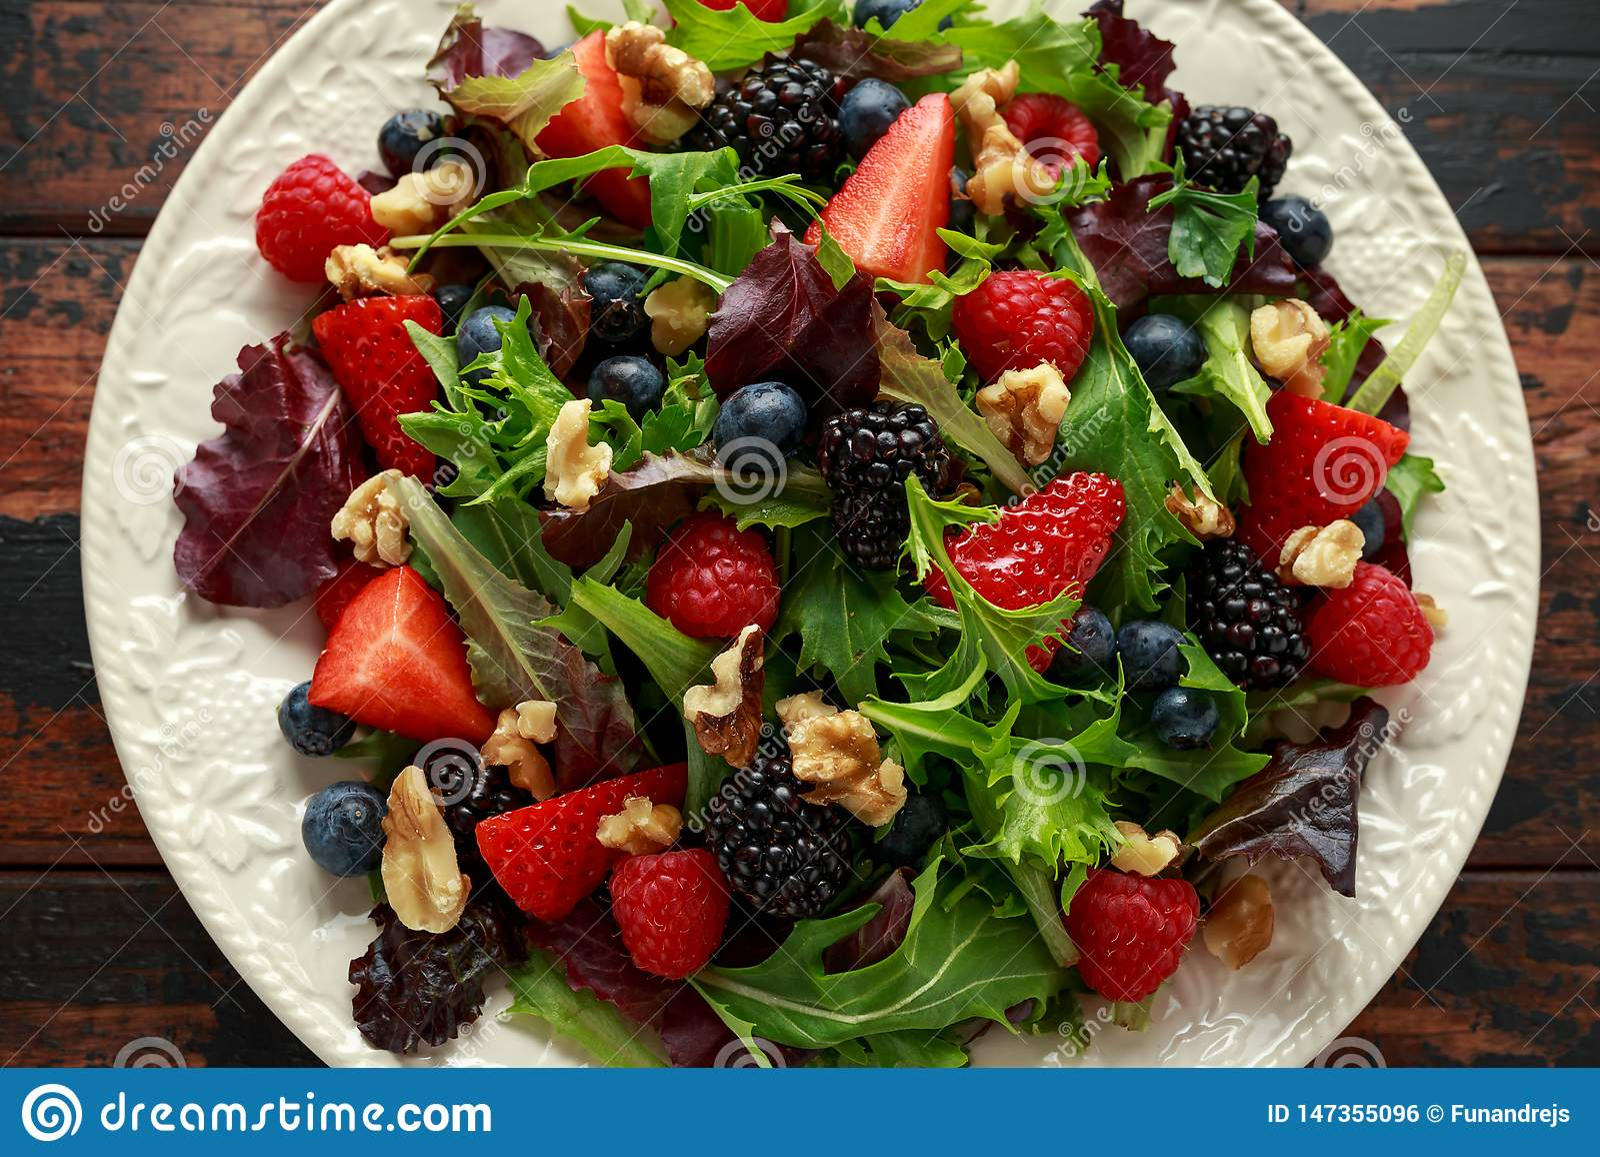 Σαλάτα νωπών καρπών με το βακκίνιο, το σμέουρο φραουλών, τα ξύλα καρυδιάς και τα πράσινα λαχανικά υγιή θερινά τρόφιμα